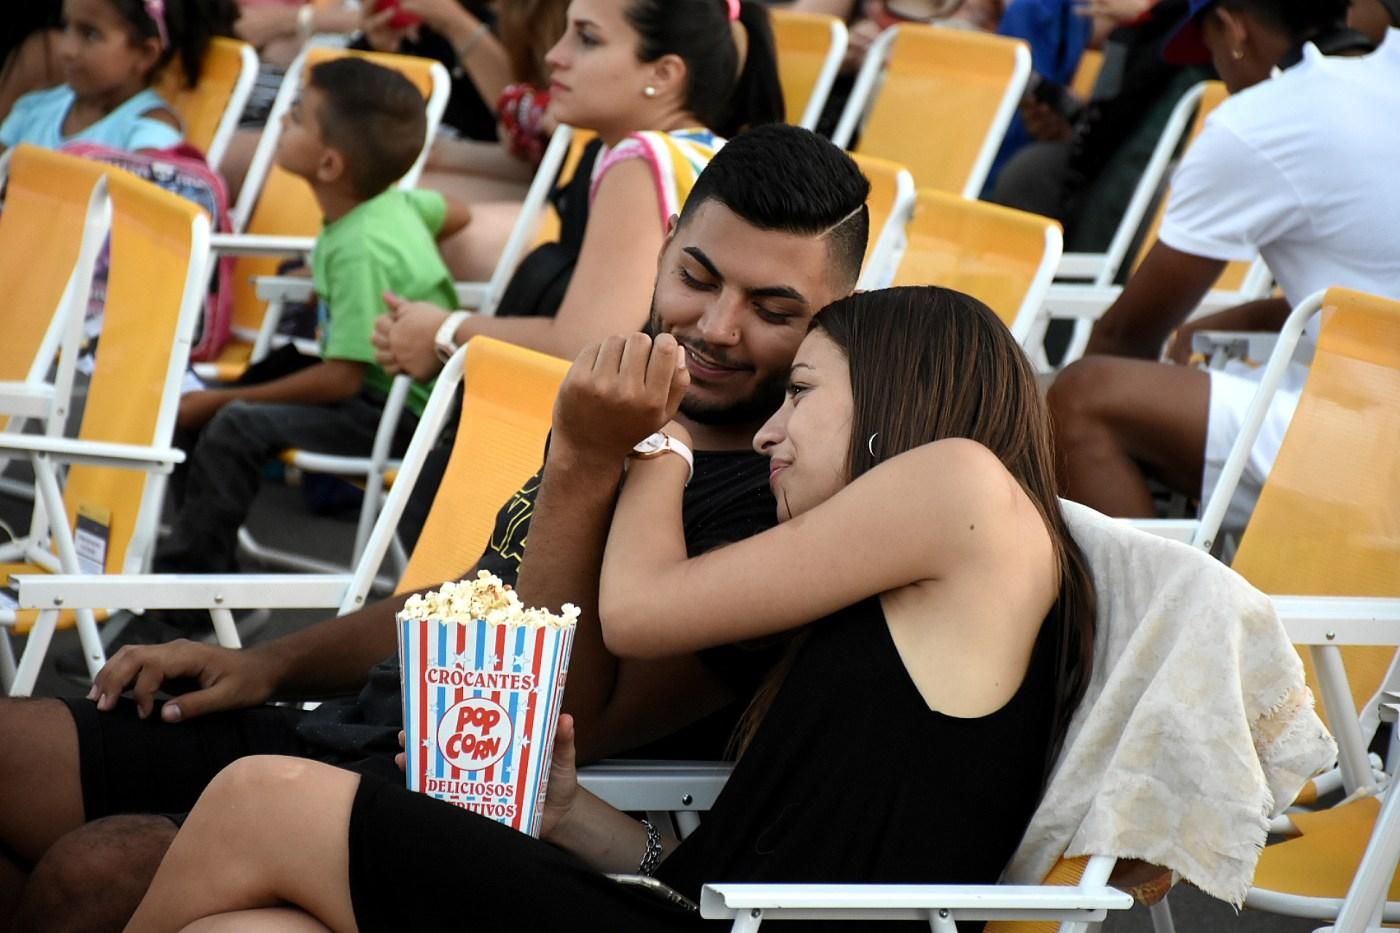 Cada familia pudo haber pagado más de 80 salidas al cine (Foto: Archivo)